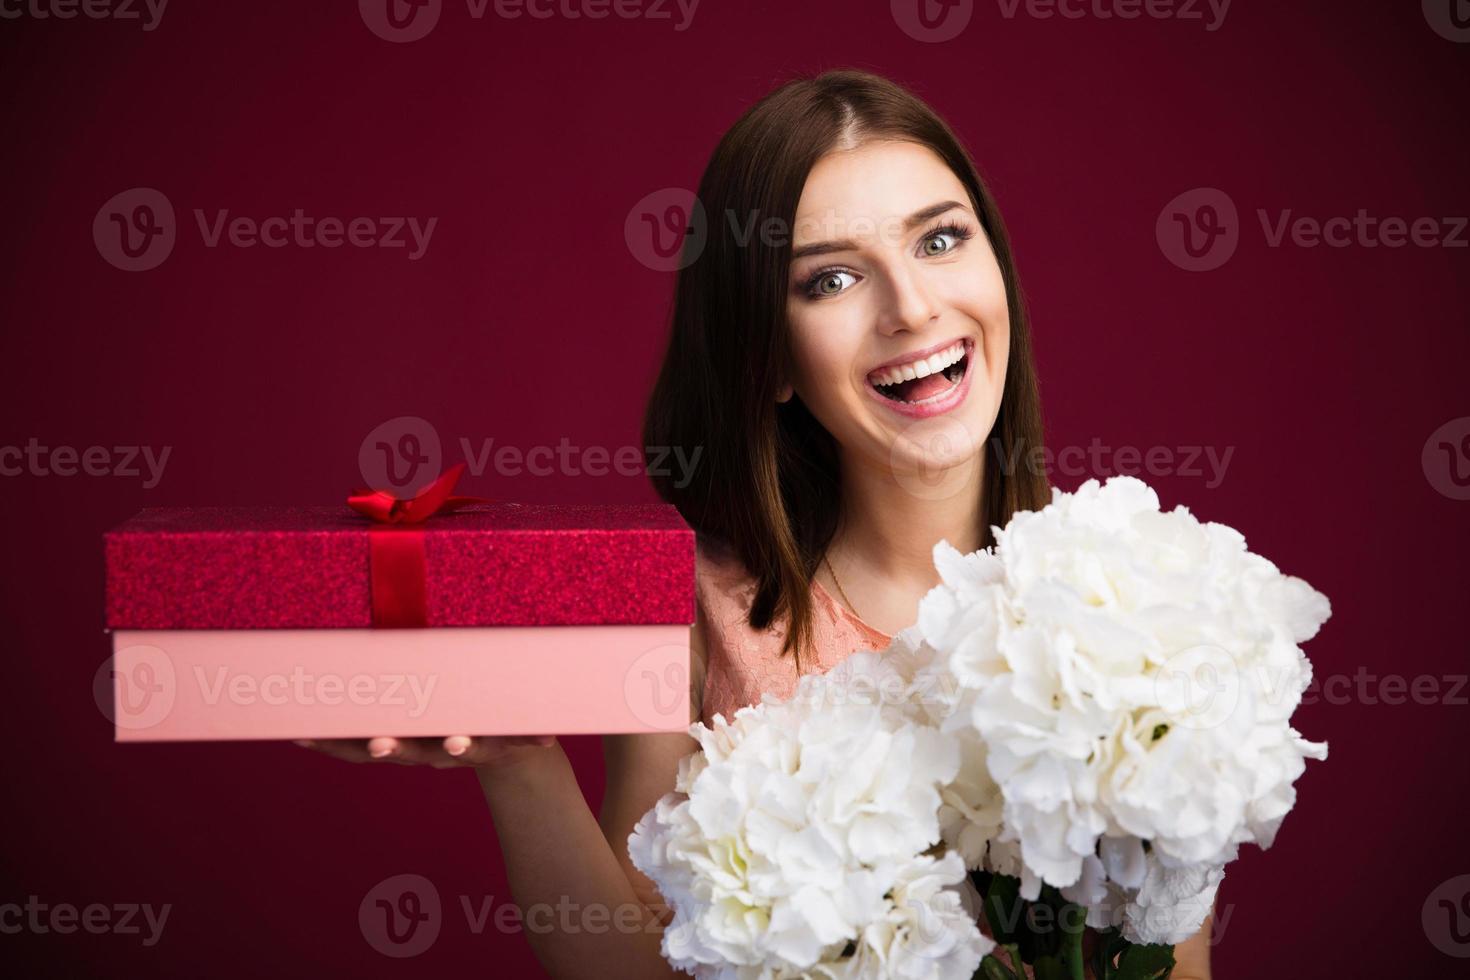 mulher bonita sorridente segurando uma caixa de presente e flores foto